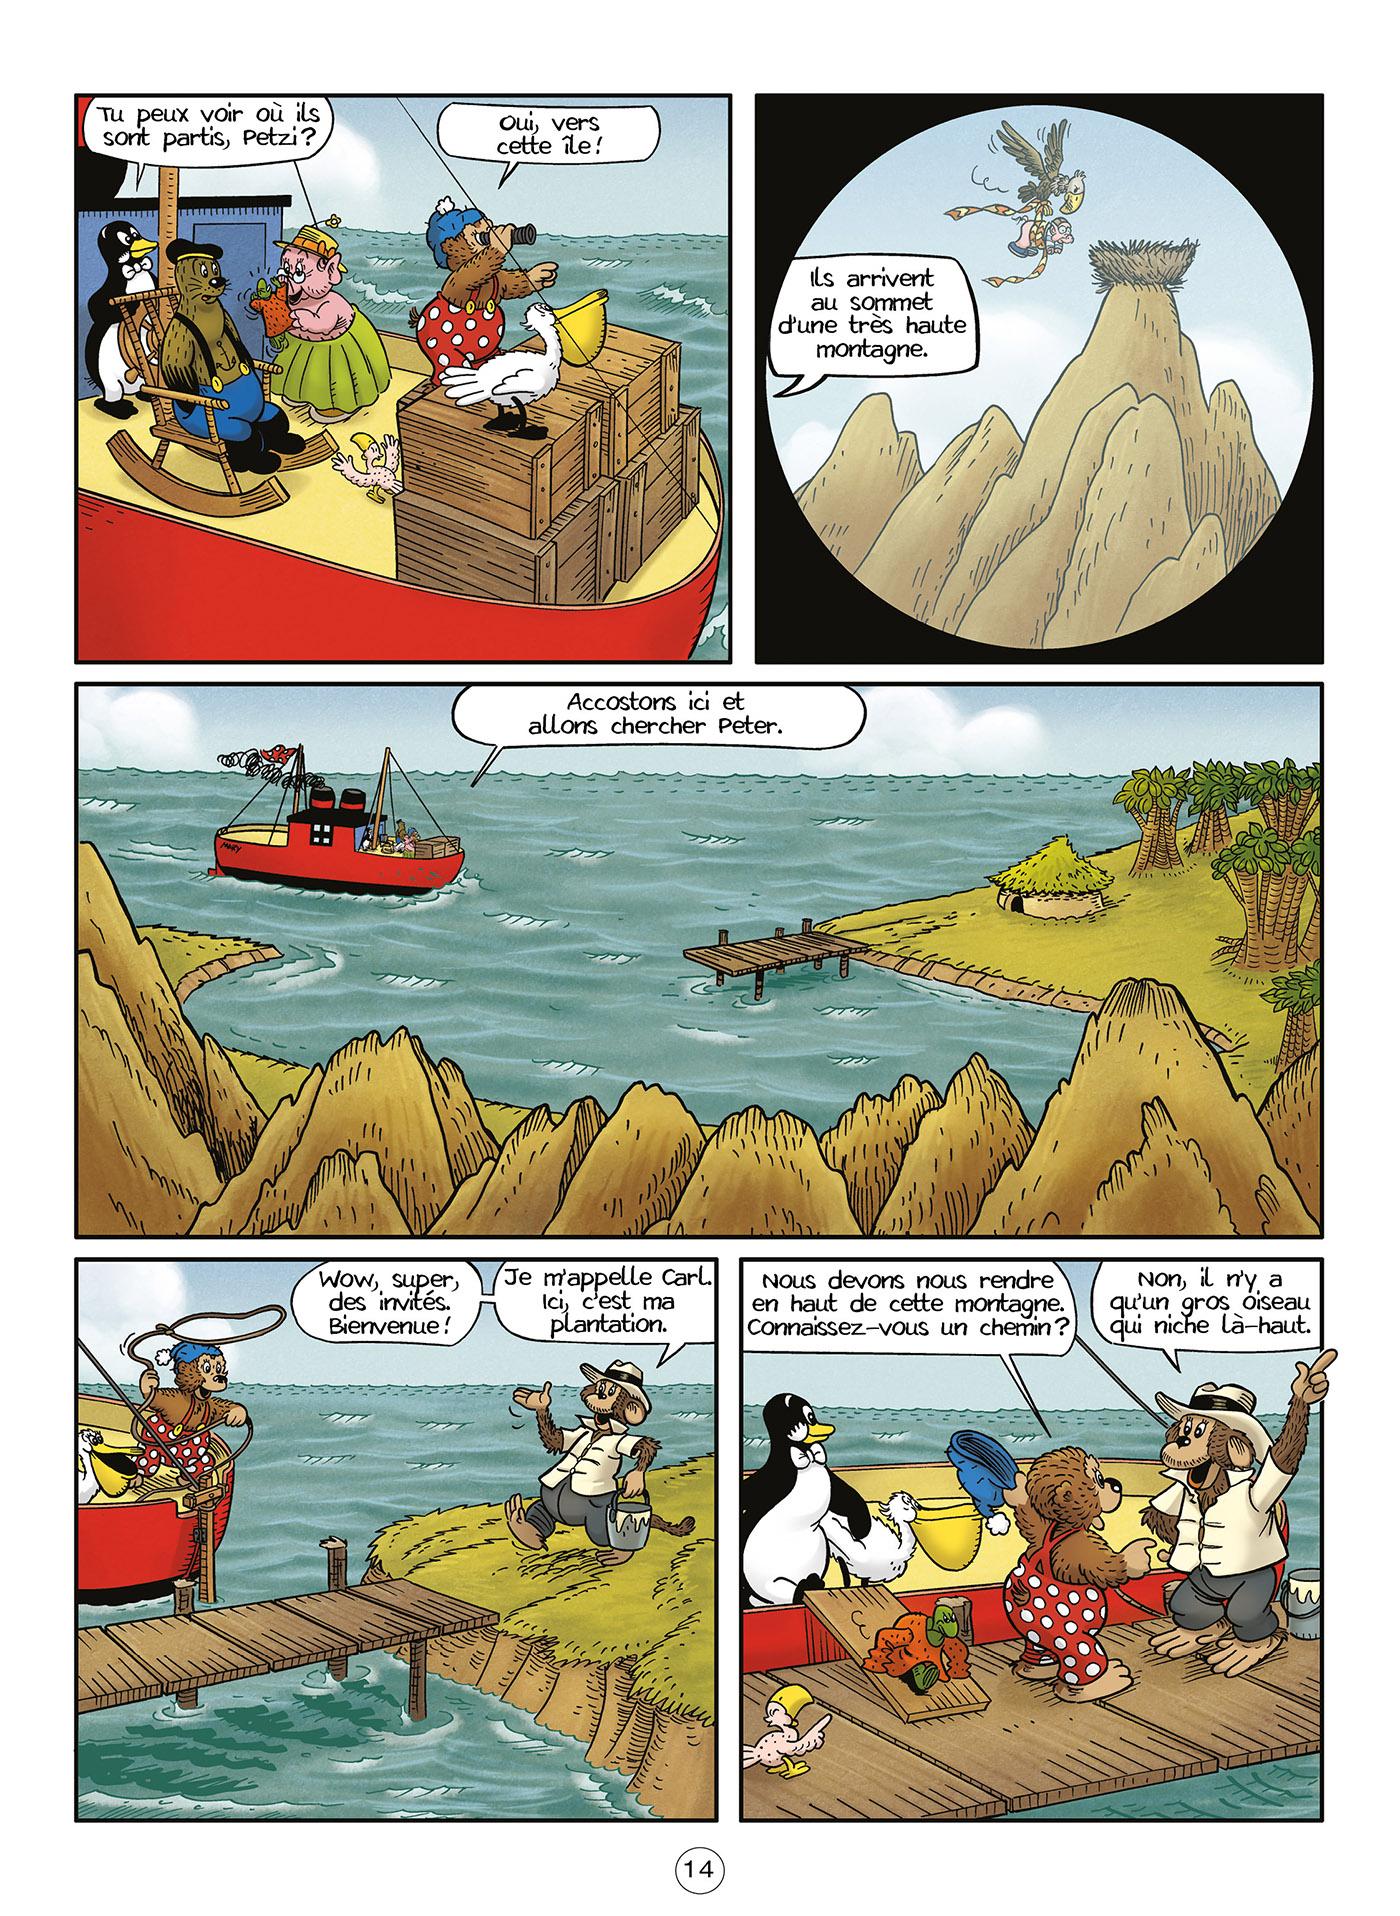 Petzi et ses amis arrivent sur une île.